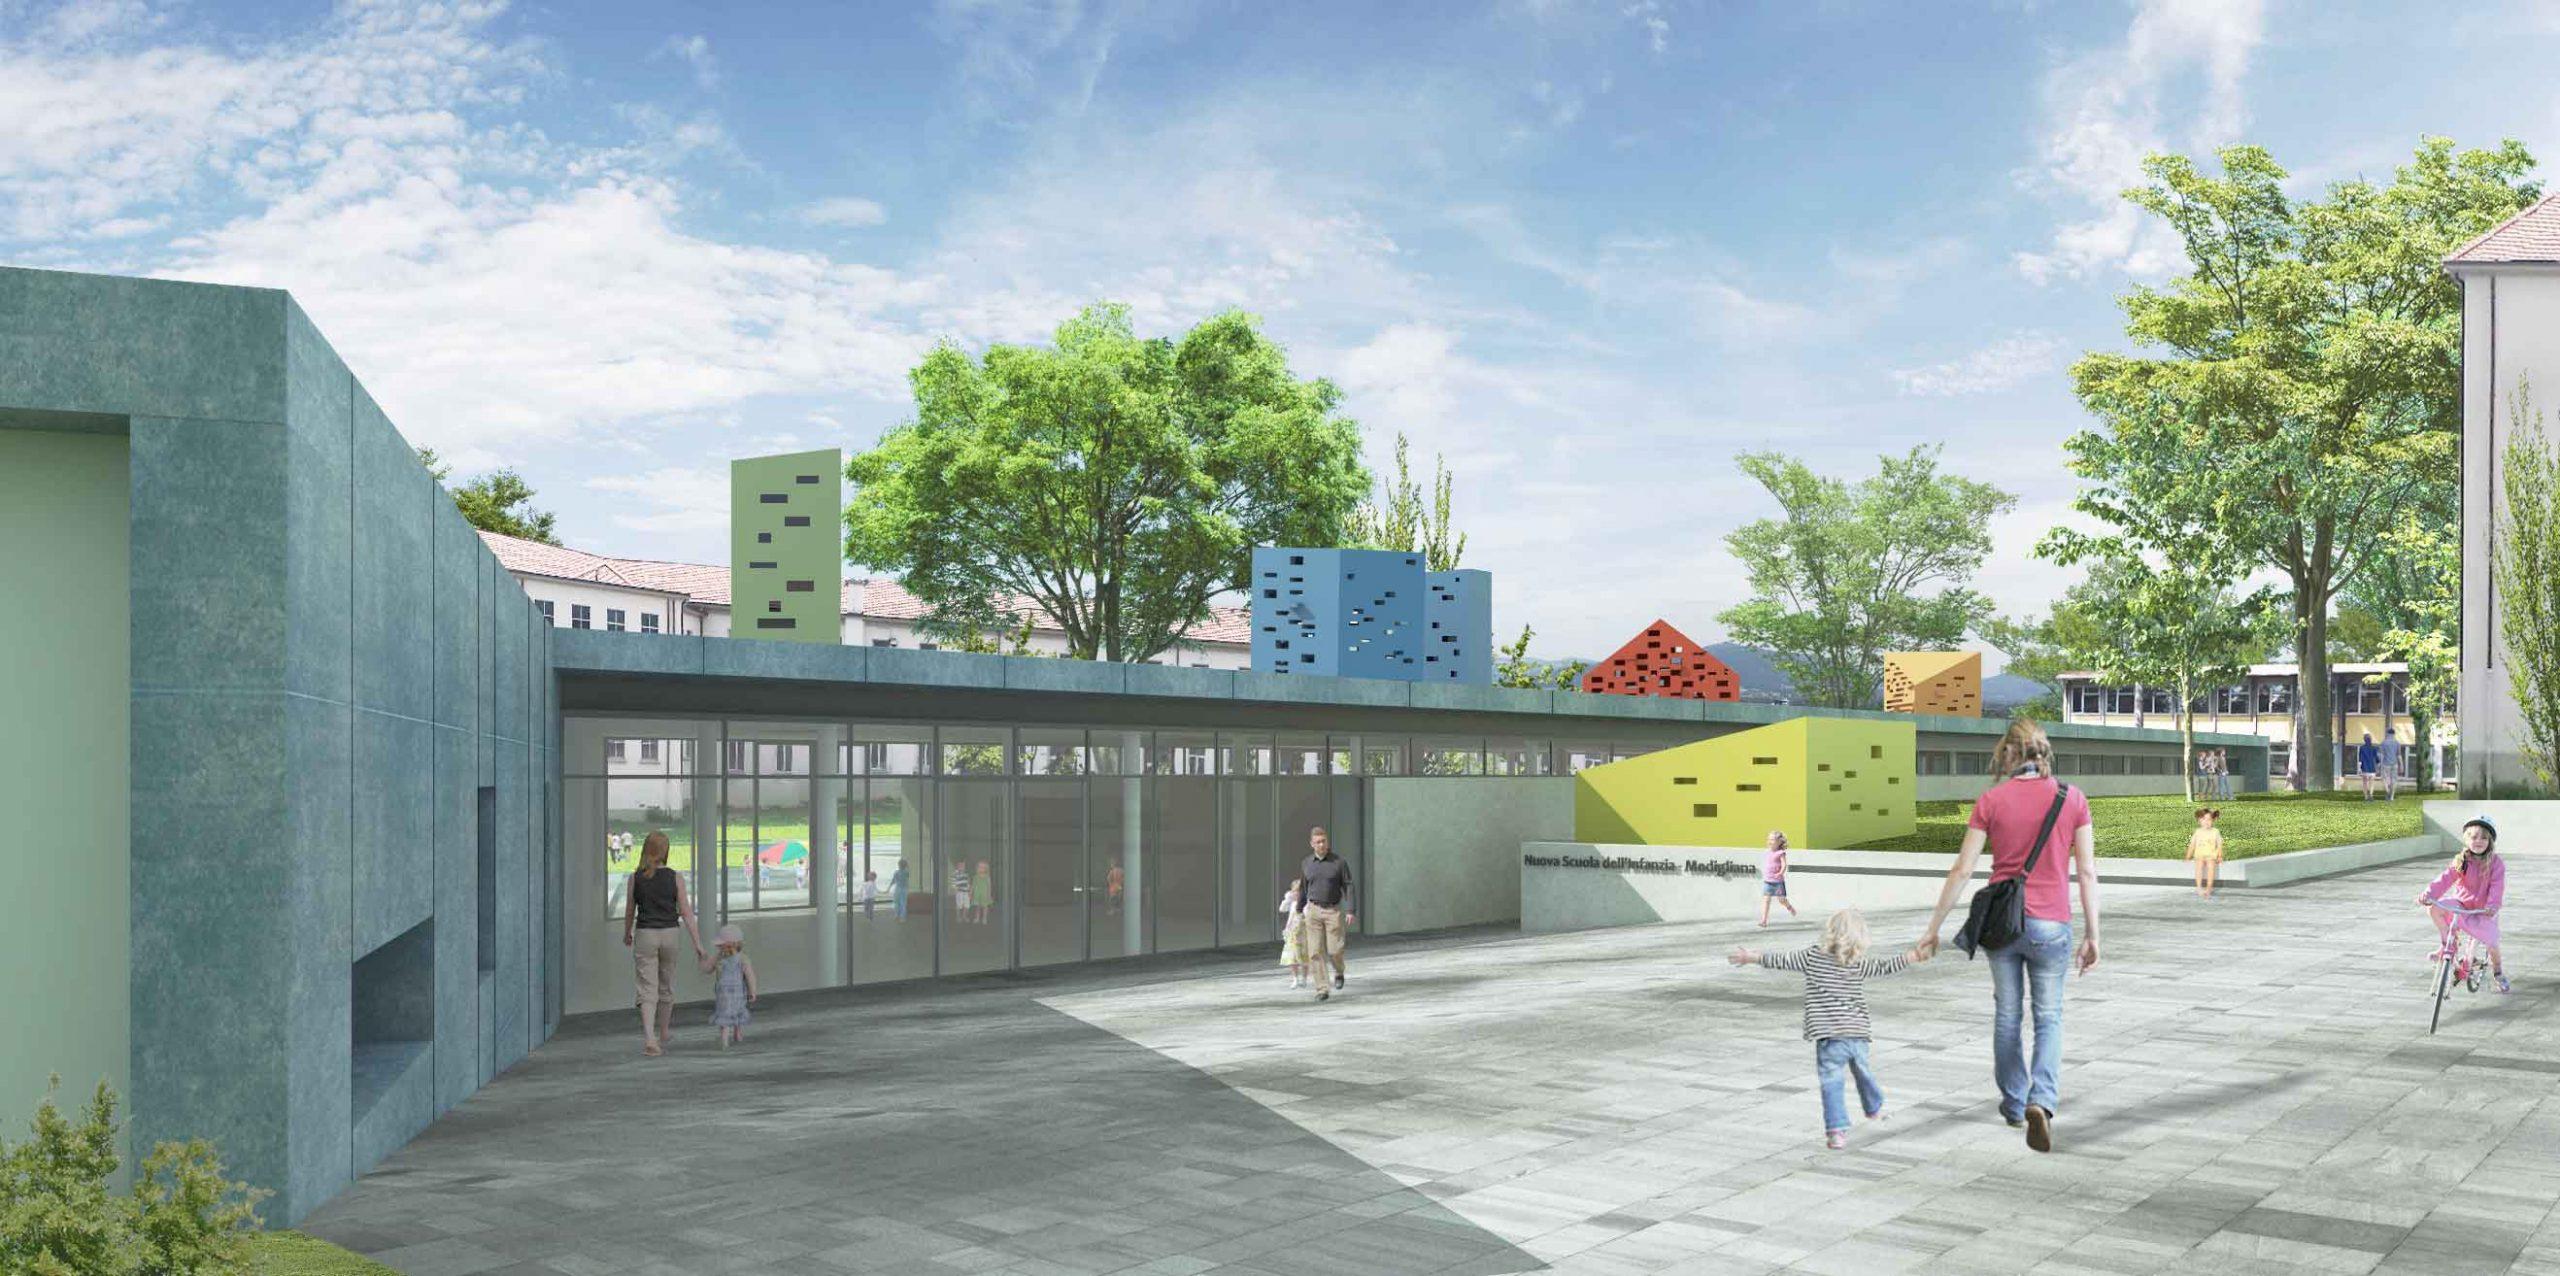 Concorso-Scuola-Modigliana-Render-ext-2-StudioGamp-Architettura-2